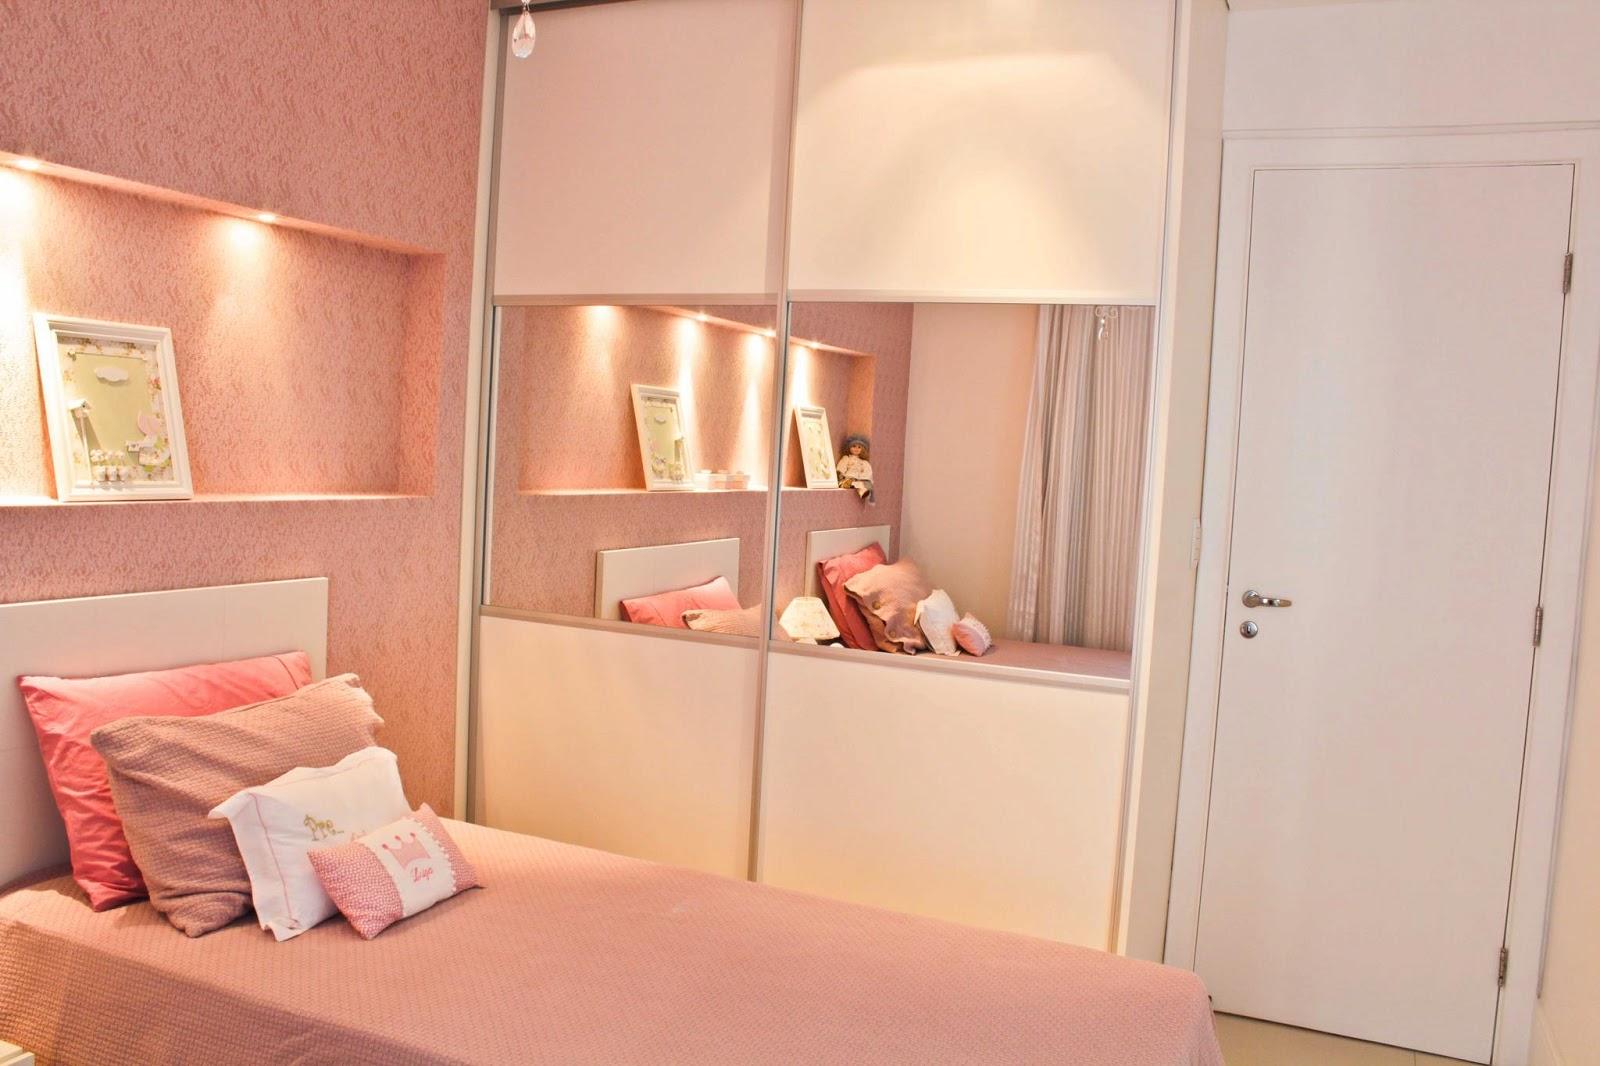 decoracao de interiores quartos femininos:Cores clássicas para o quarto de casal e foco nos detalhes: O livro